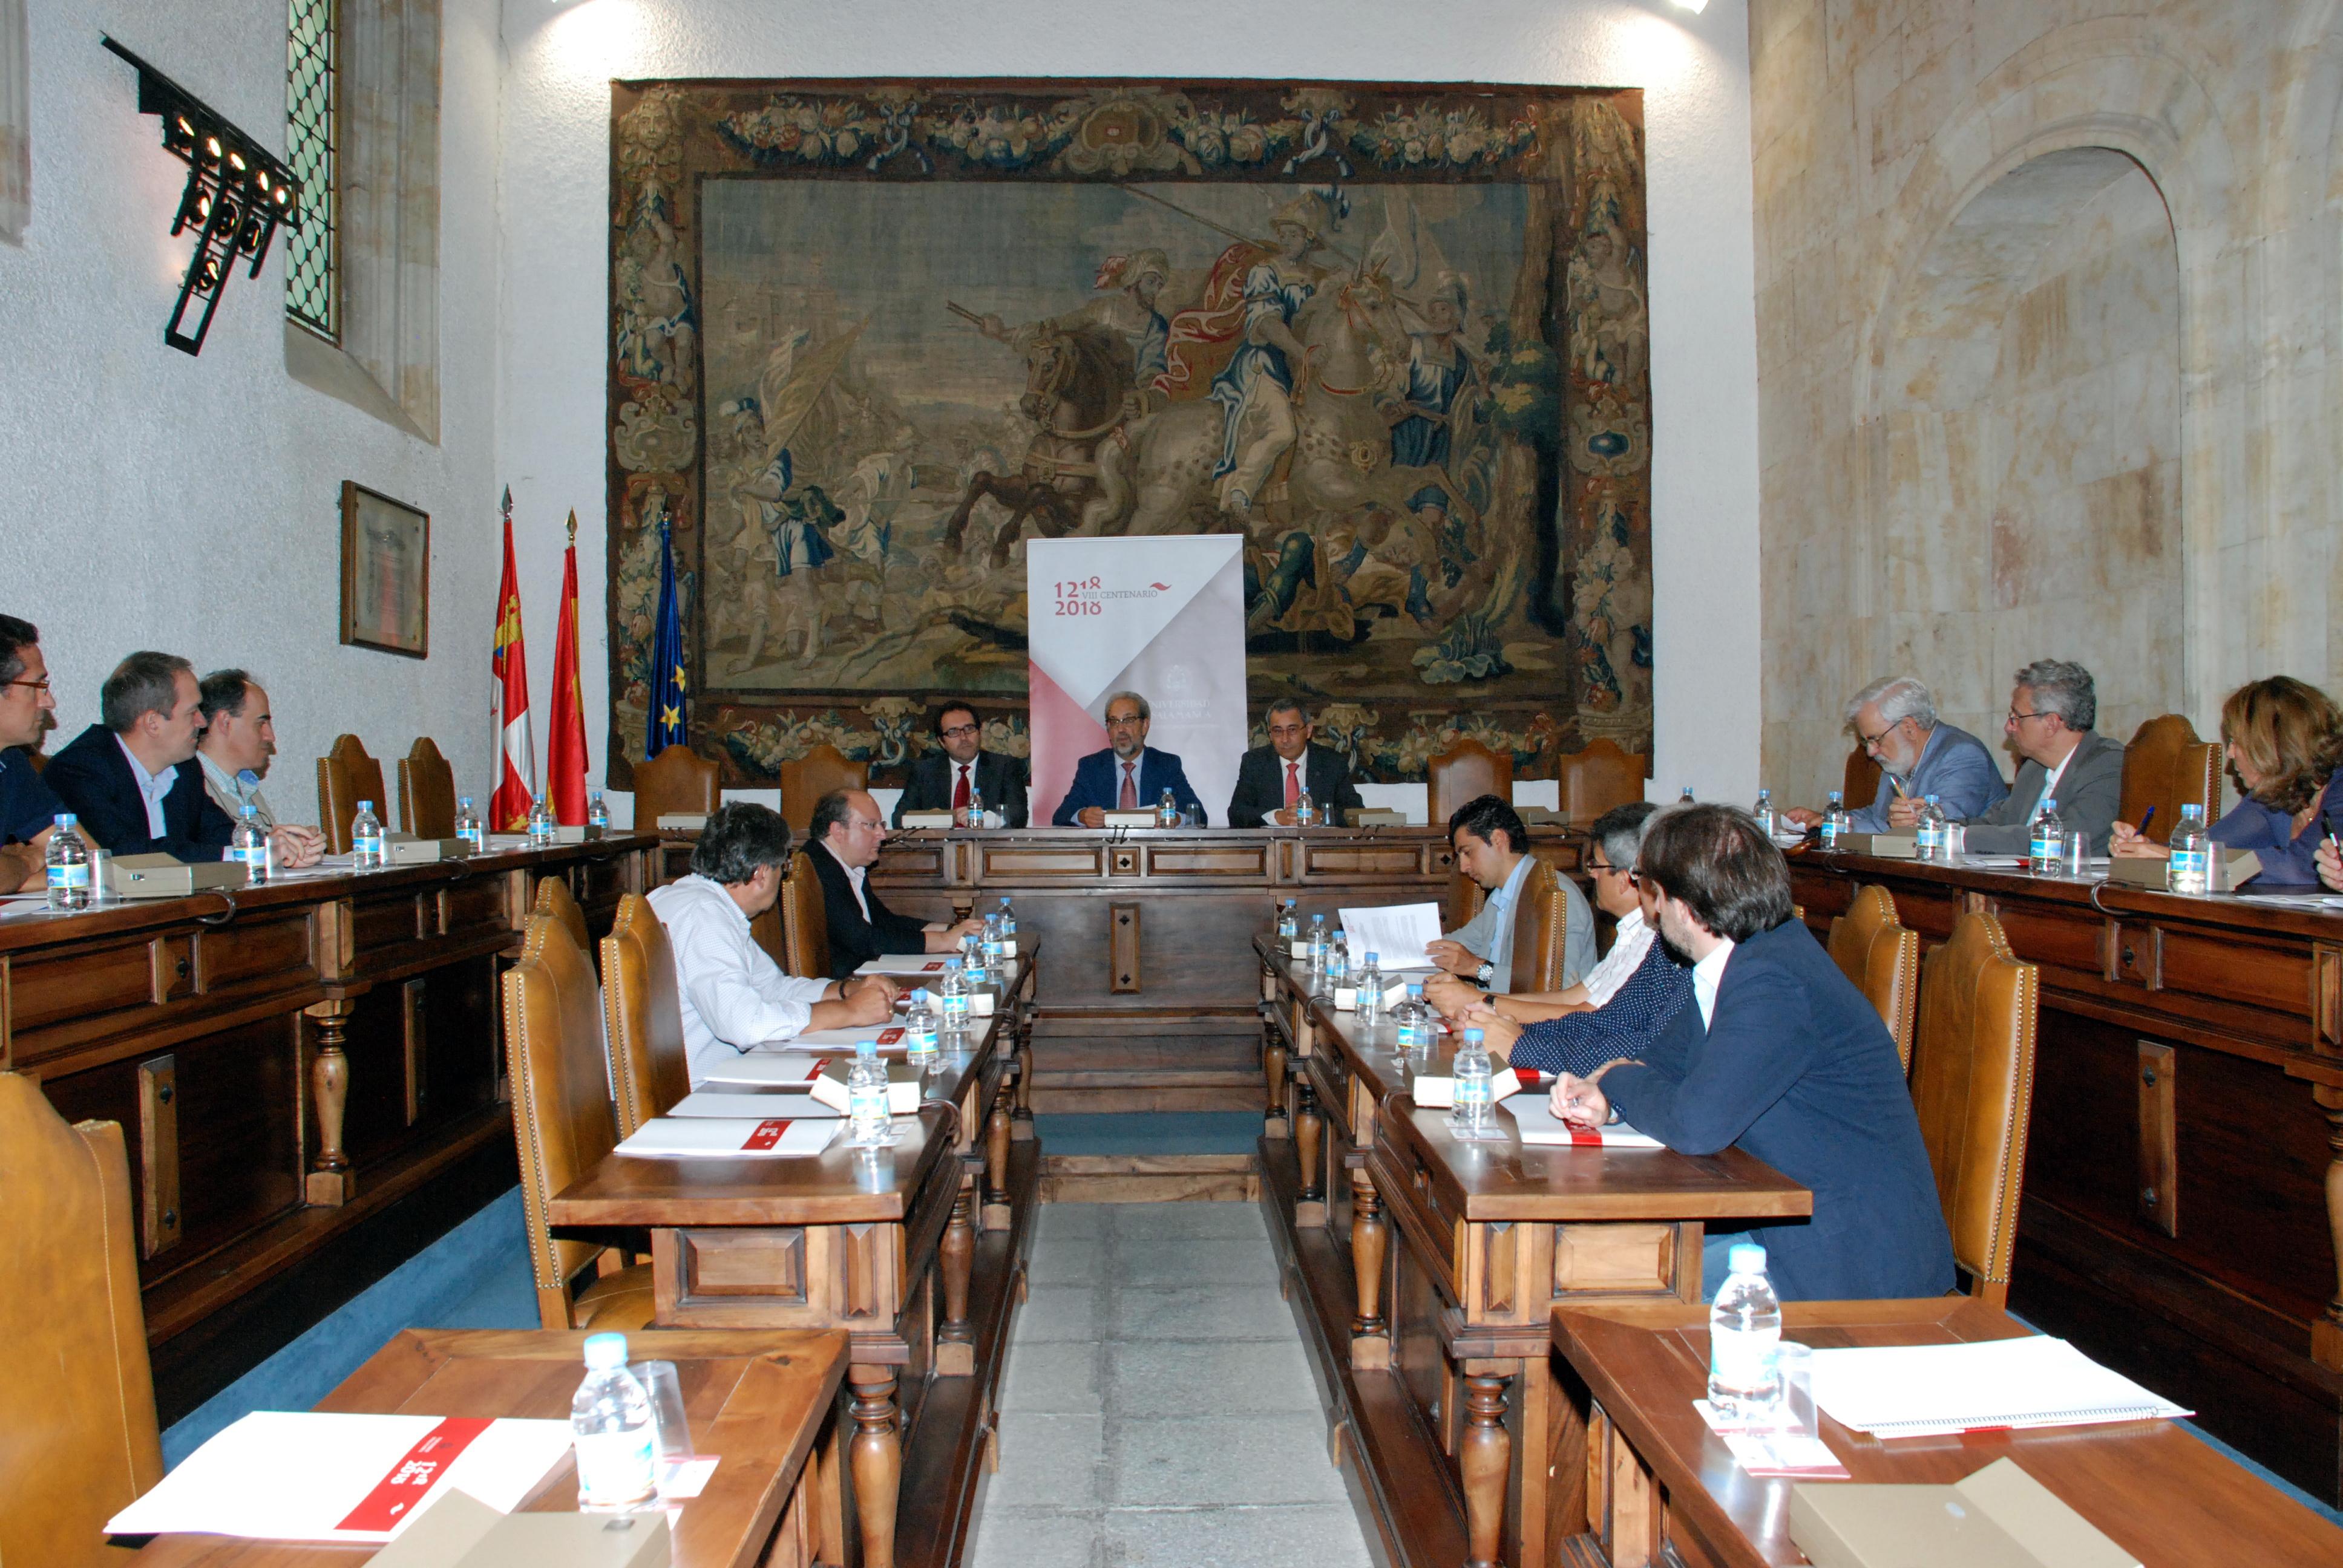 El rector constituye la Comisión Asesora para la Conmemoración del VIII Centenario de la Universidad de Salamanca con el objetivo de impulsar la efeméride